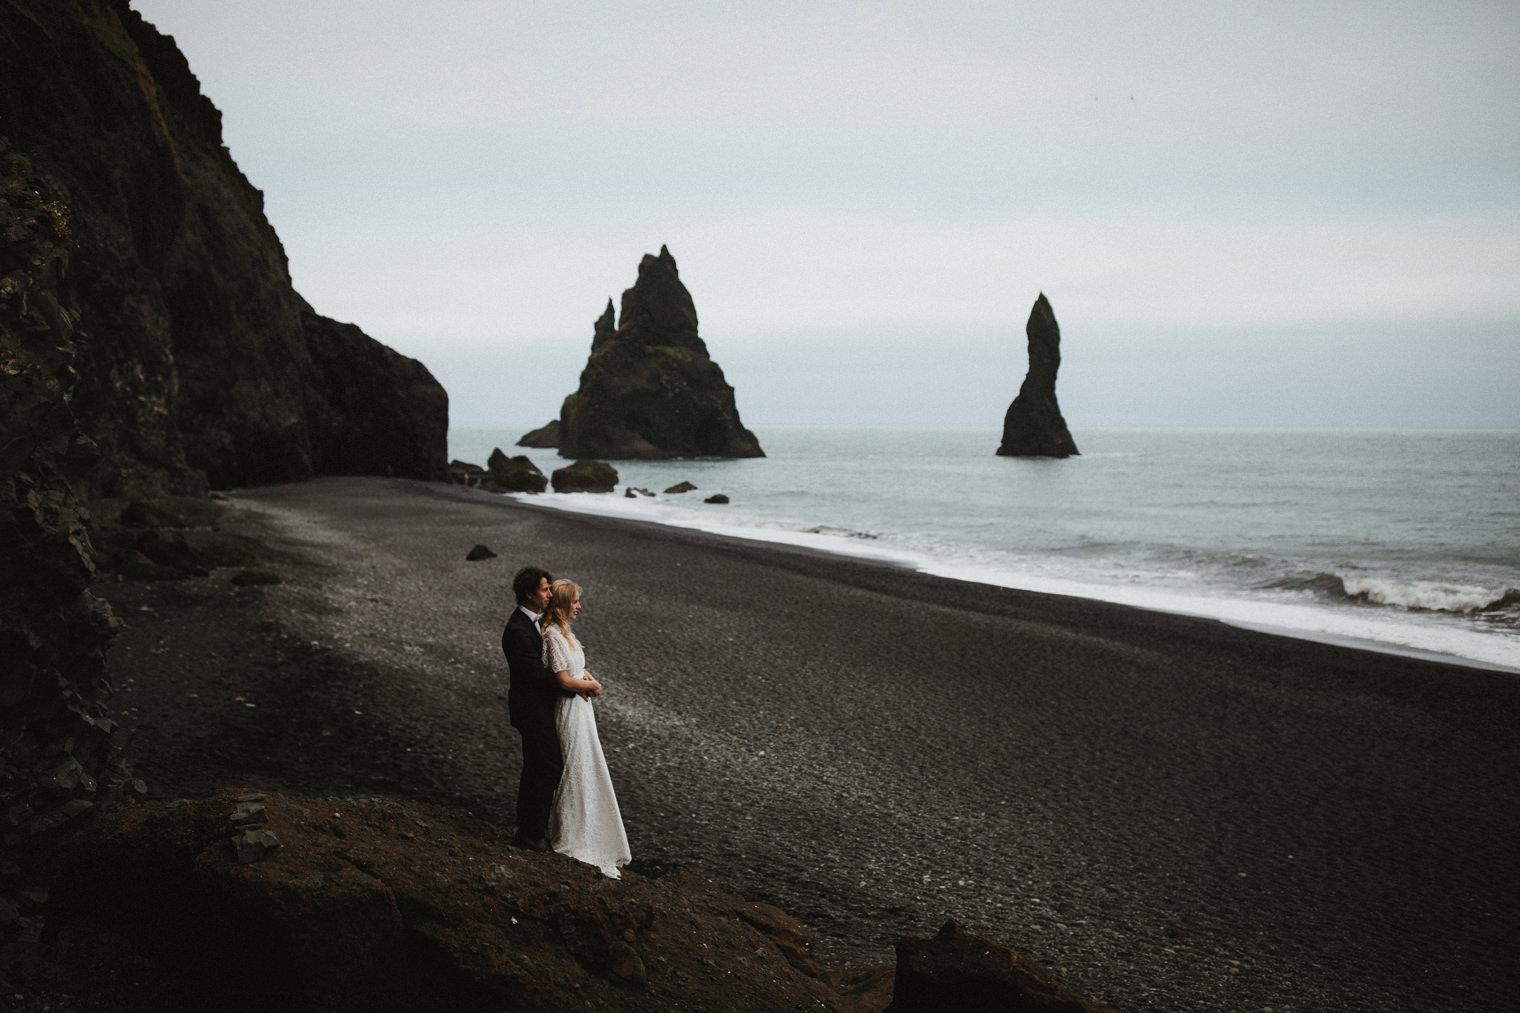 078-iceland-wedding